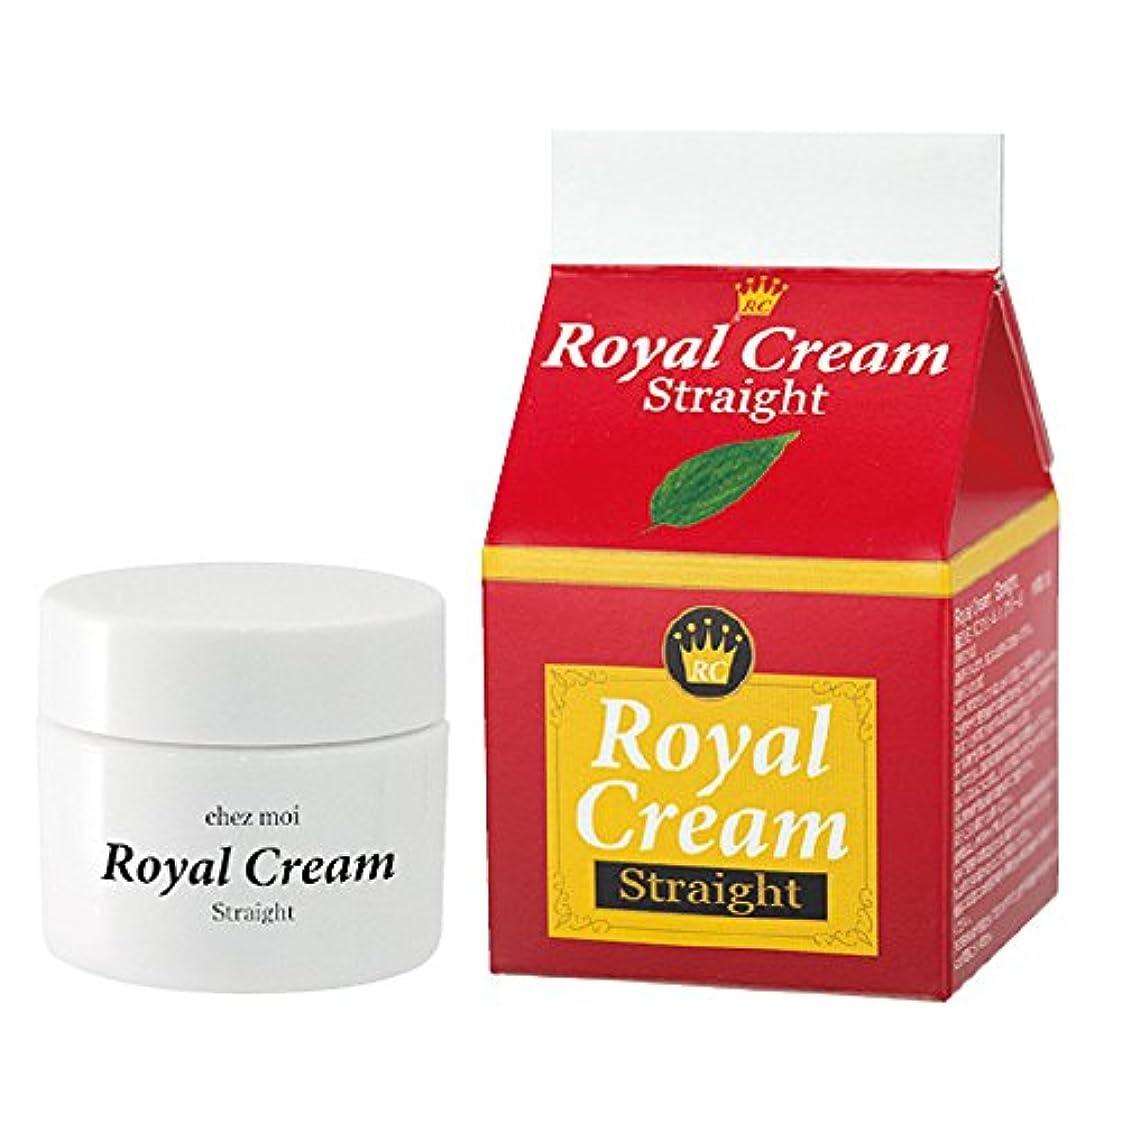 置き場八医薬品シェモア Royal Cream Straight(ロイヤルクリームストレート) 30g